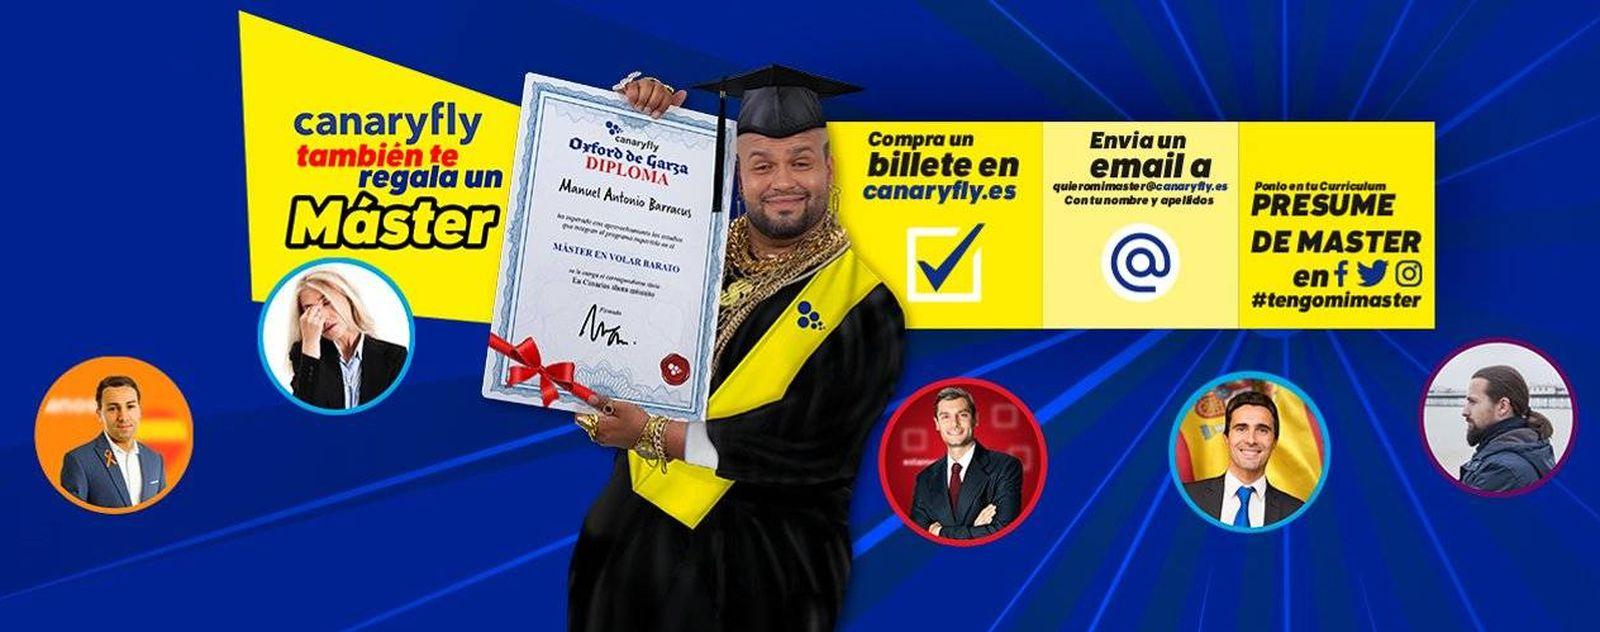 Foto: Imagen promocional de la campaña (Canary Fly)